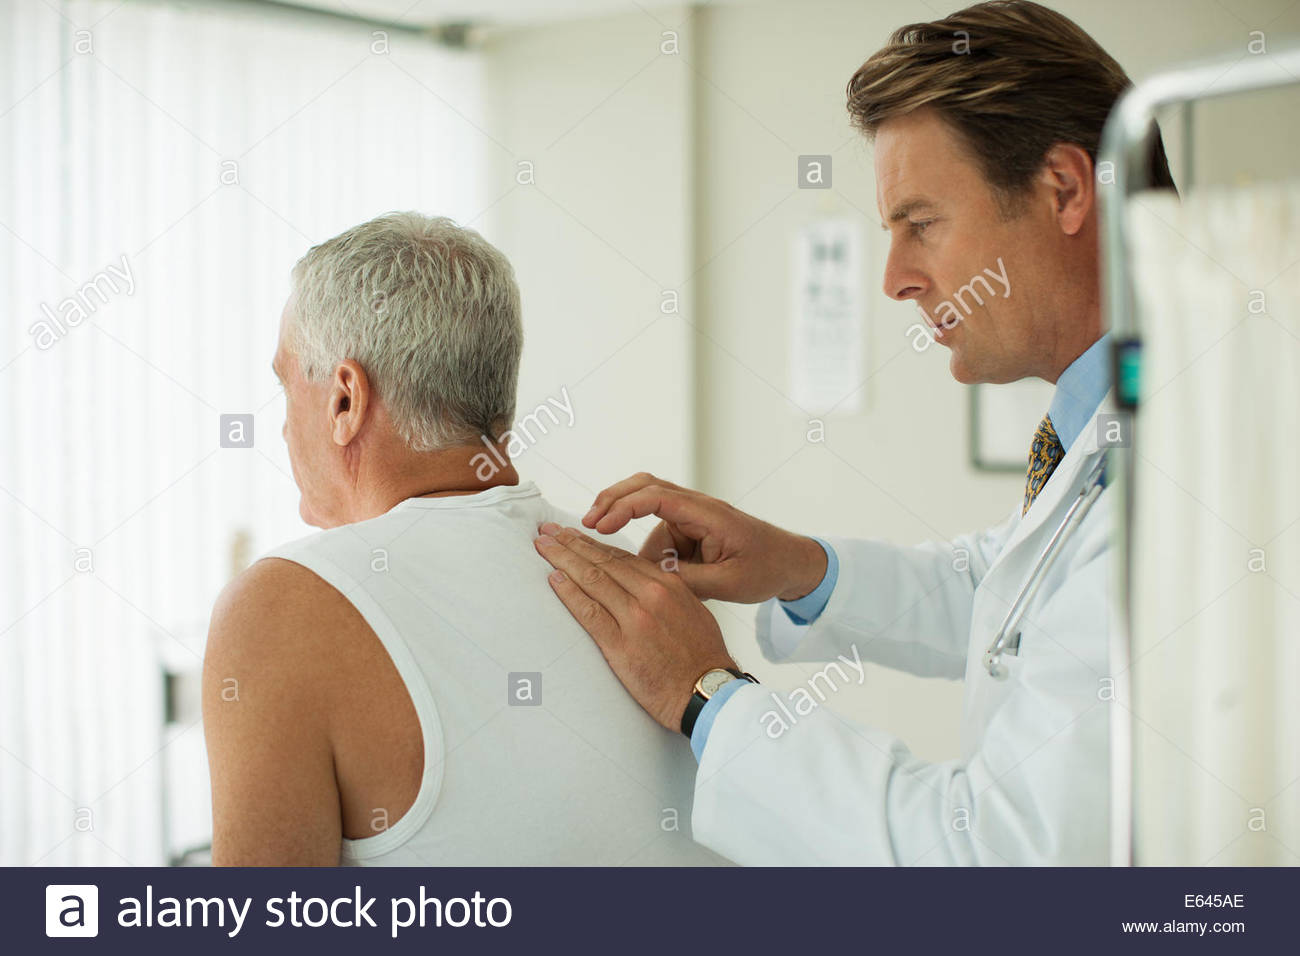 Médecin qui tape sur le dos du patient Photo Stock